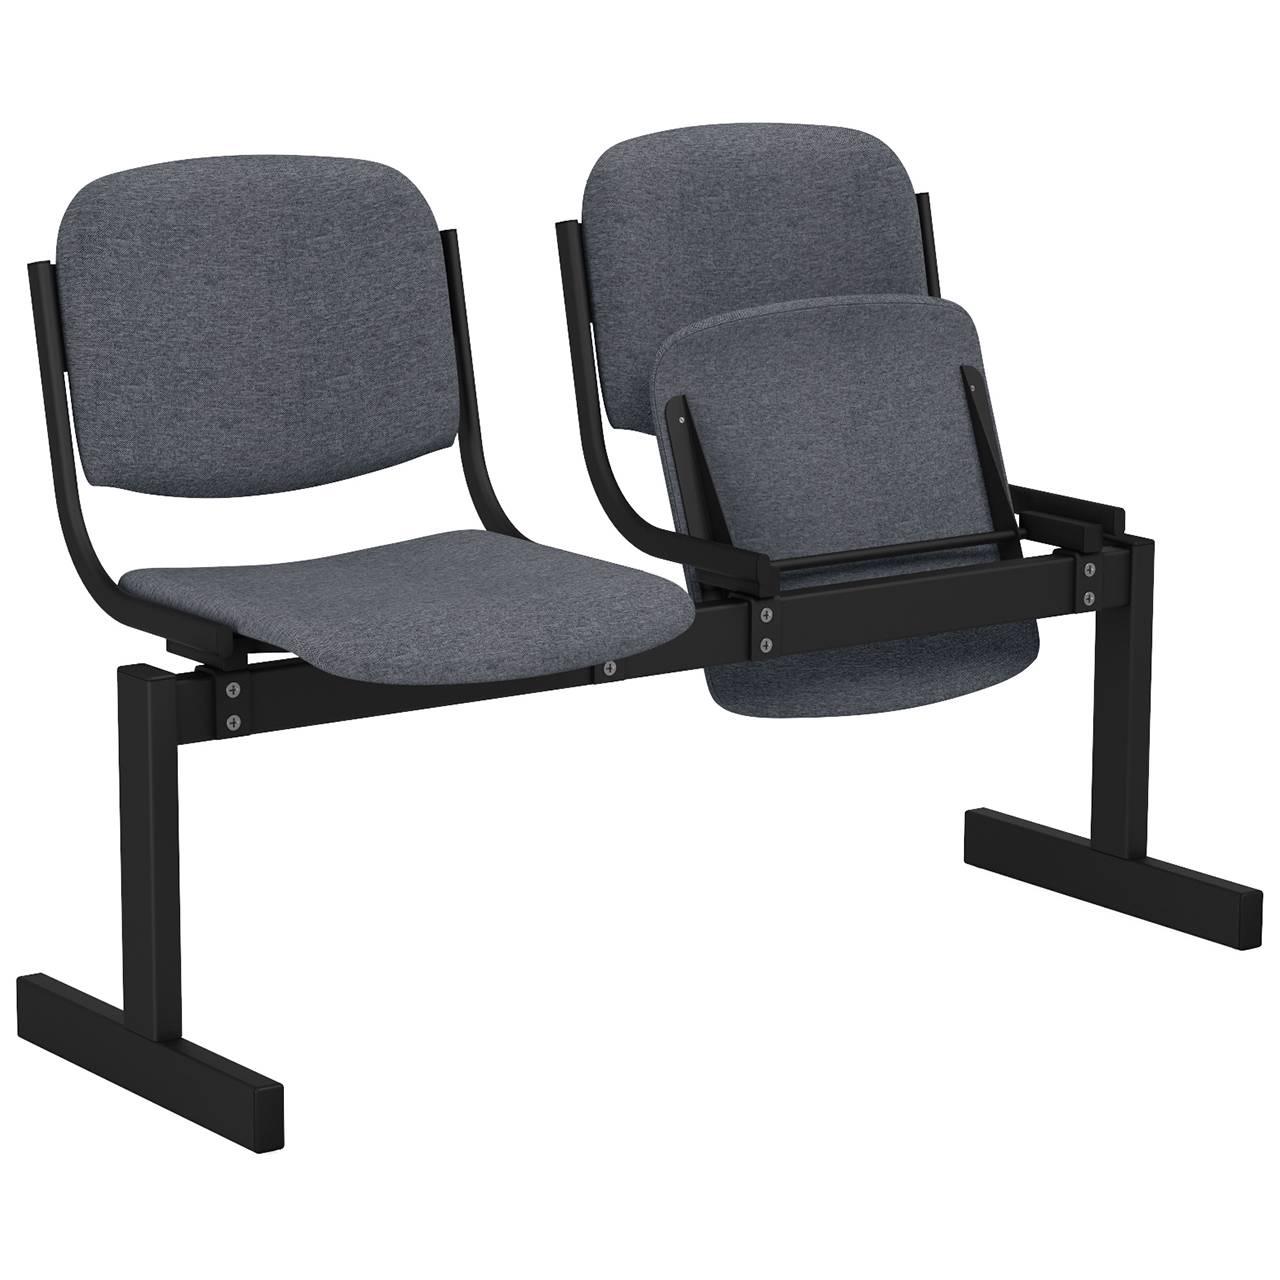 2-местный, откидывающиеся сиденья, мягкий черный серый Офисная ткань